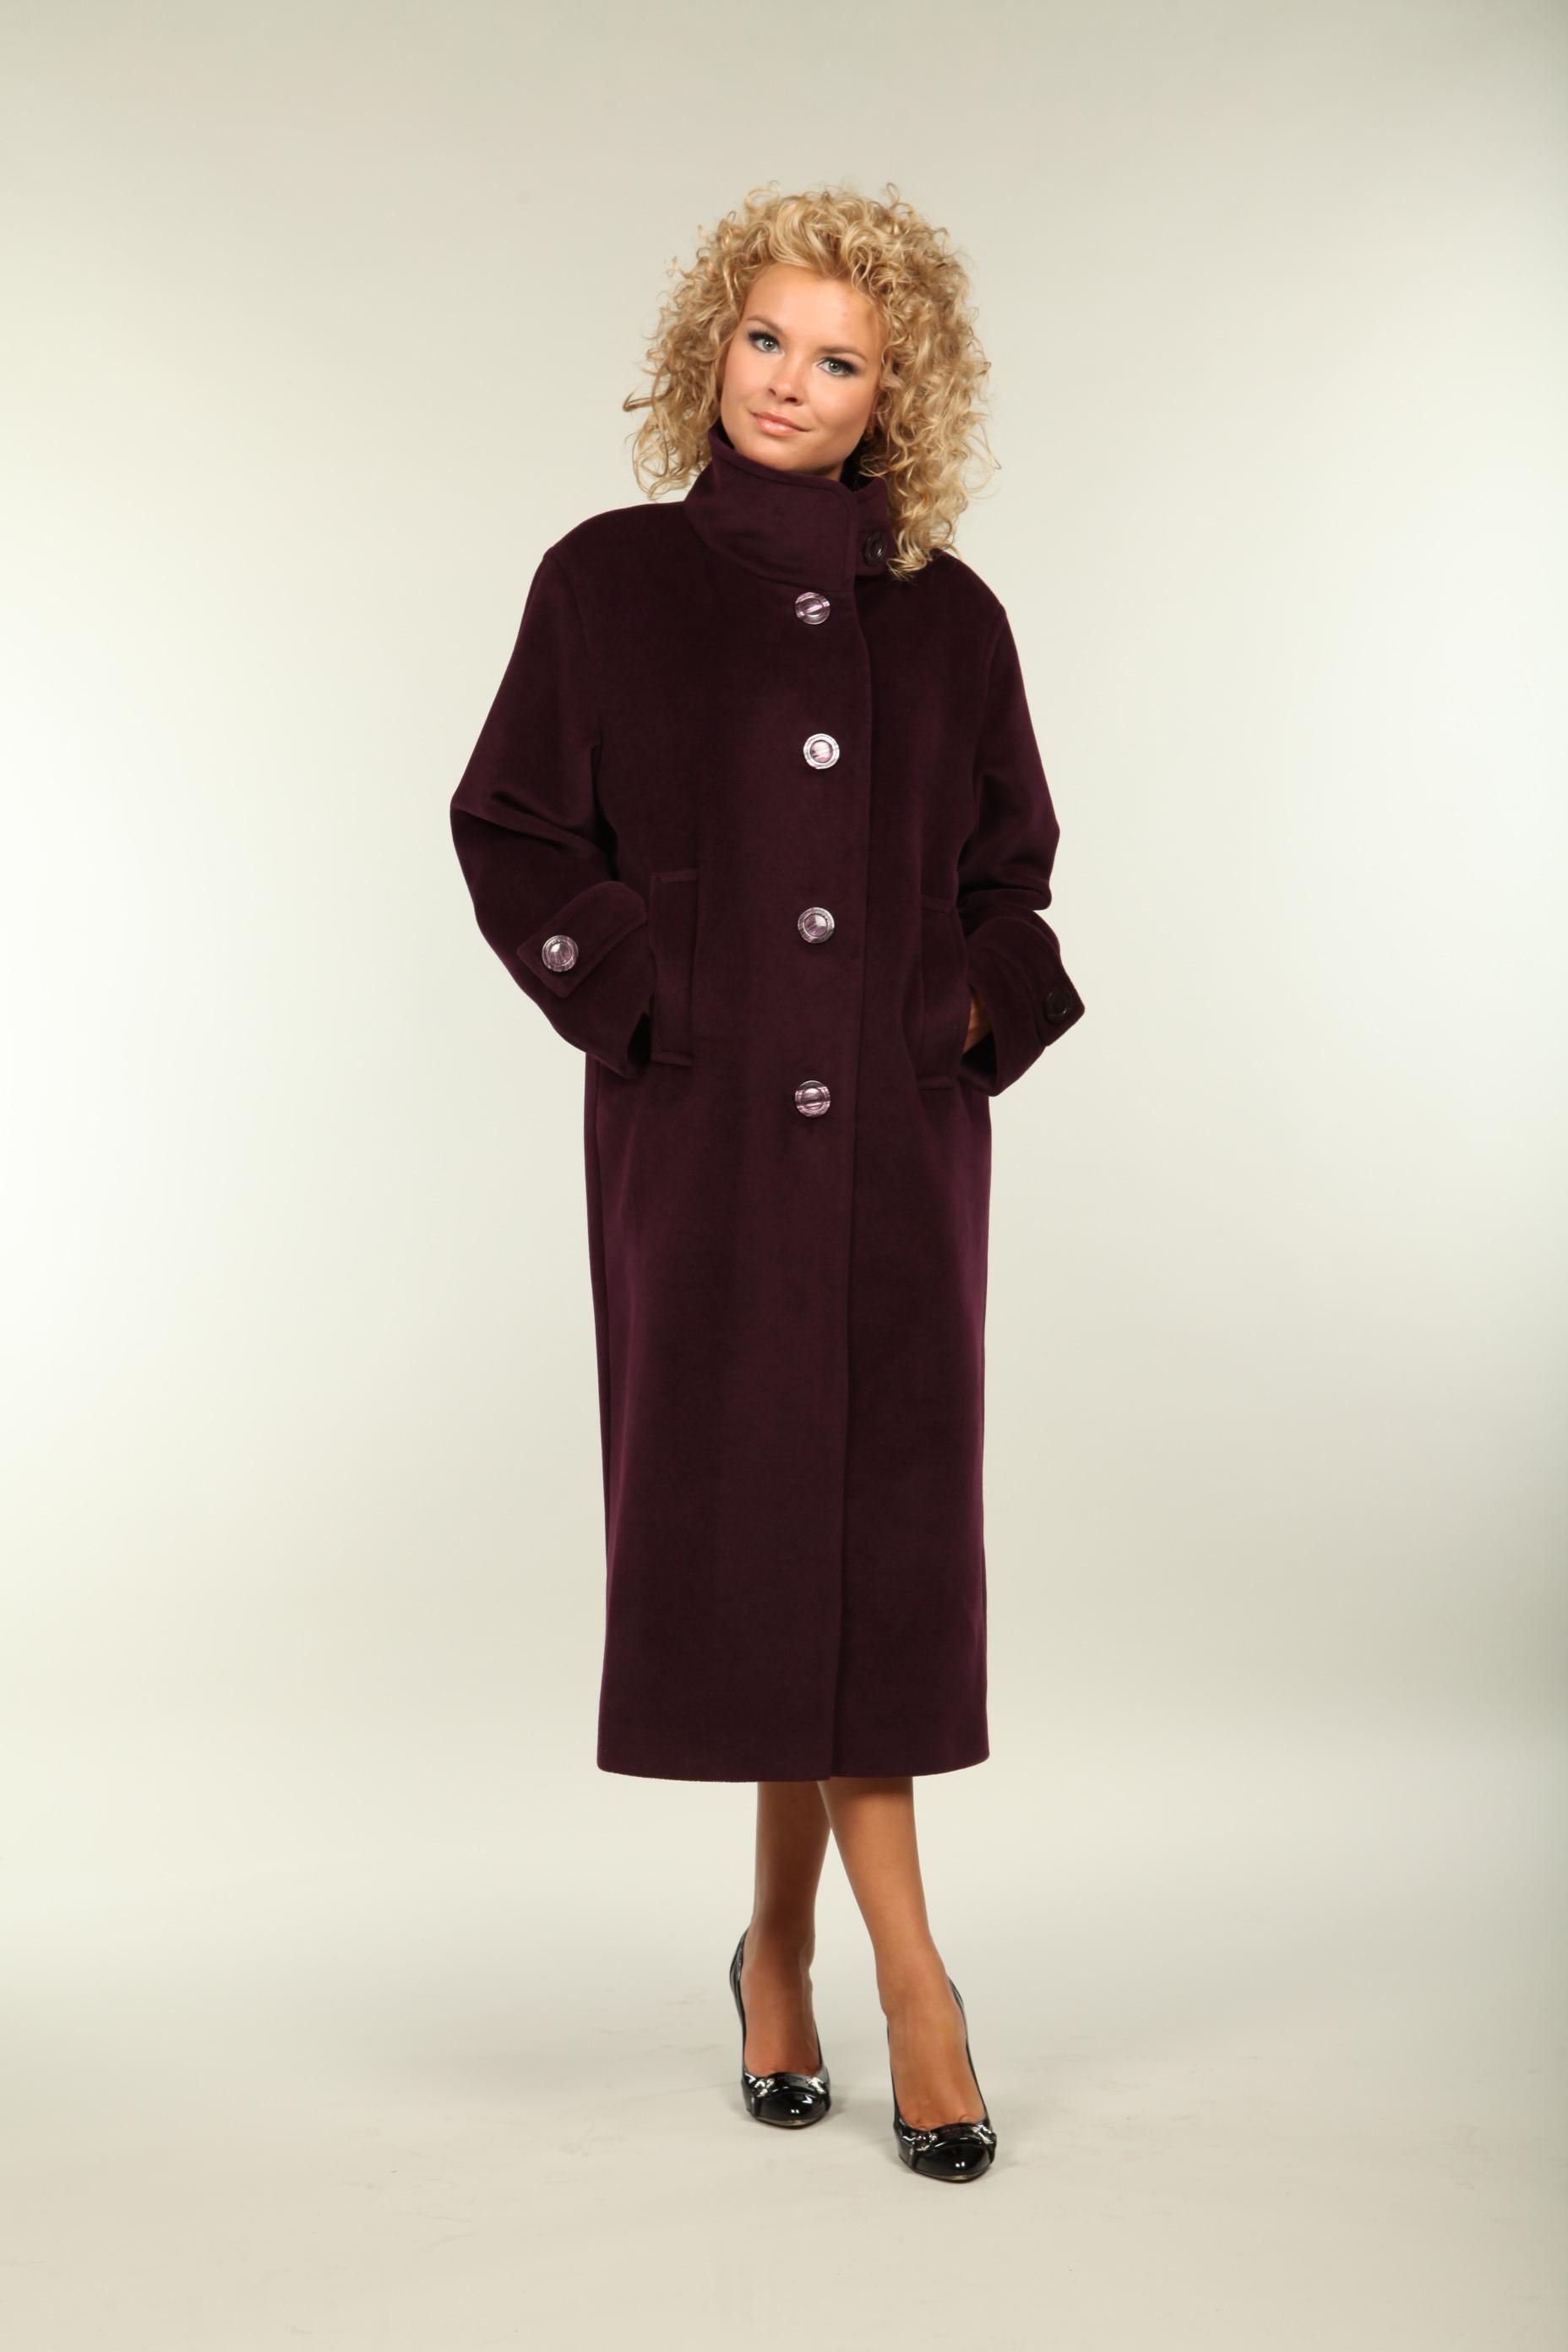 875a07b9990 Каталог женского пальто московской фабрики Ольга